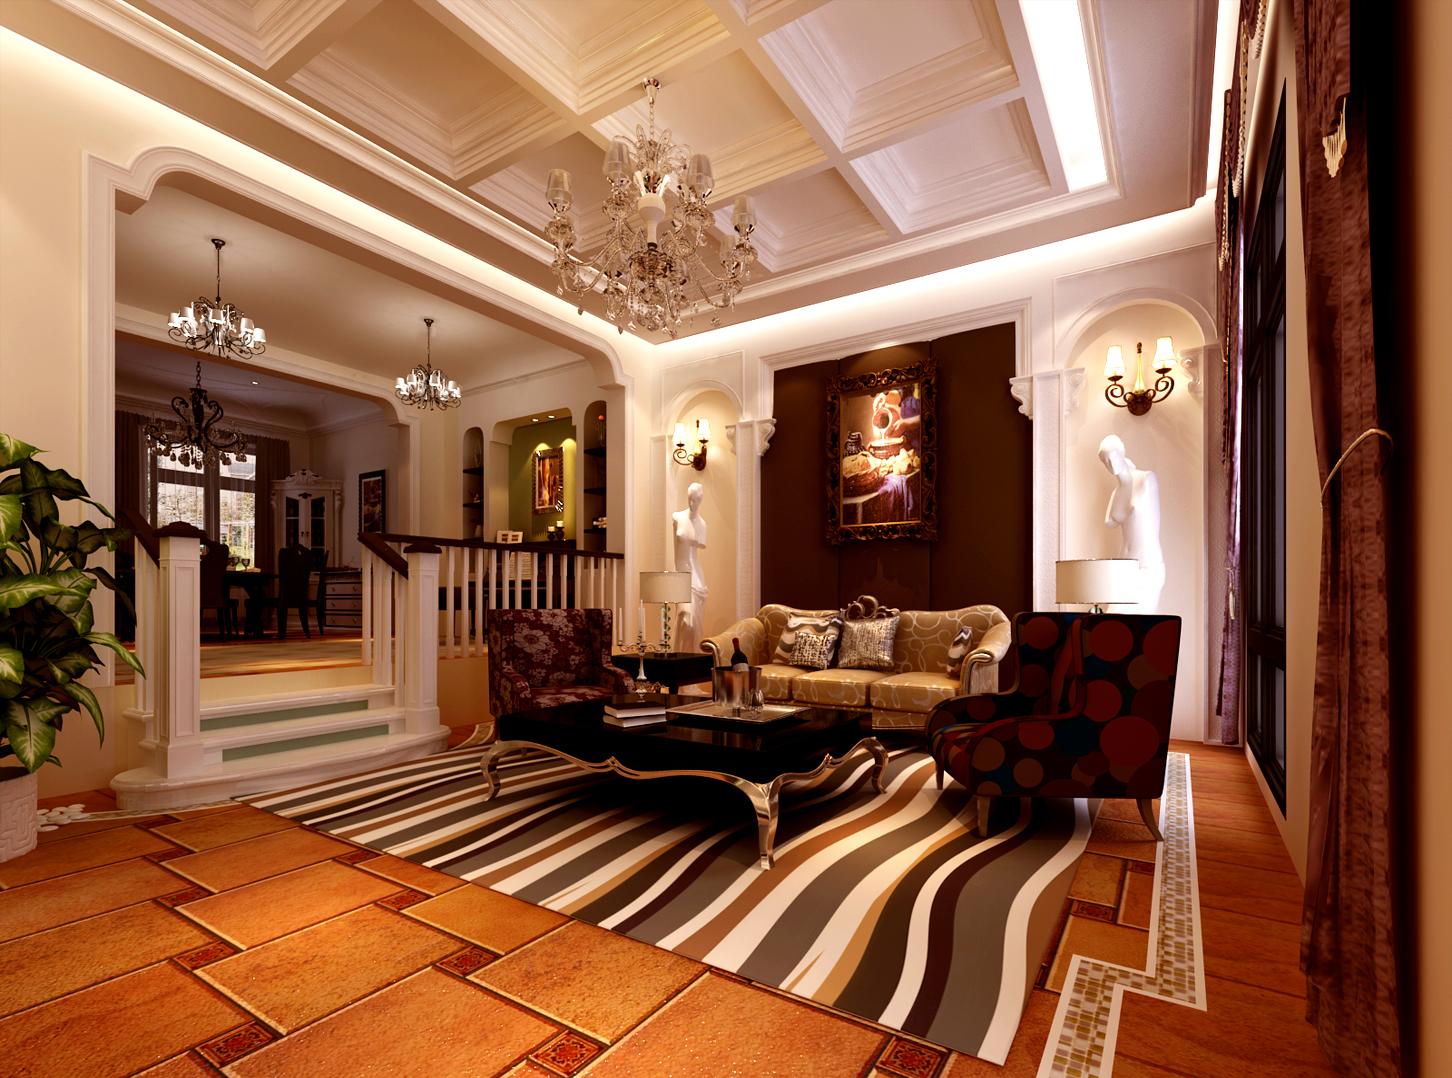 高度国际 欧式 别墅 客厅图片来自高度国际在32w打造奢华欧式风天竺新新家园的分享